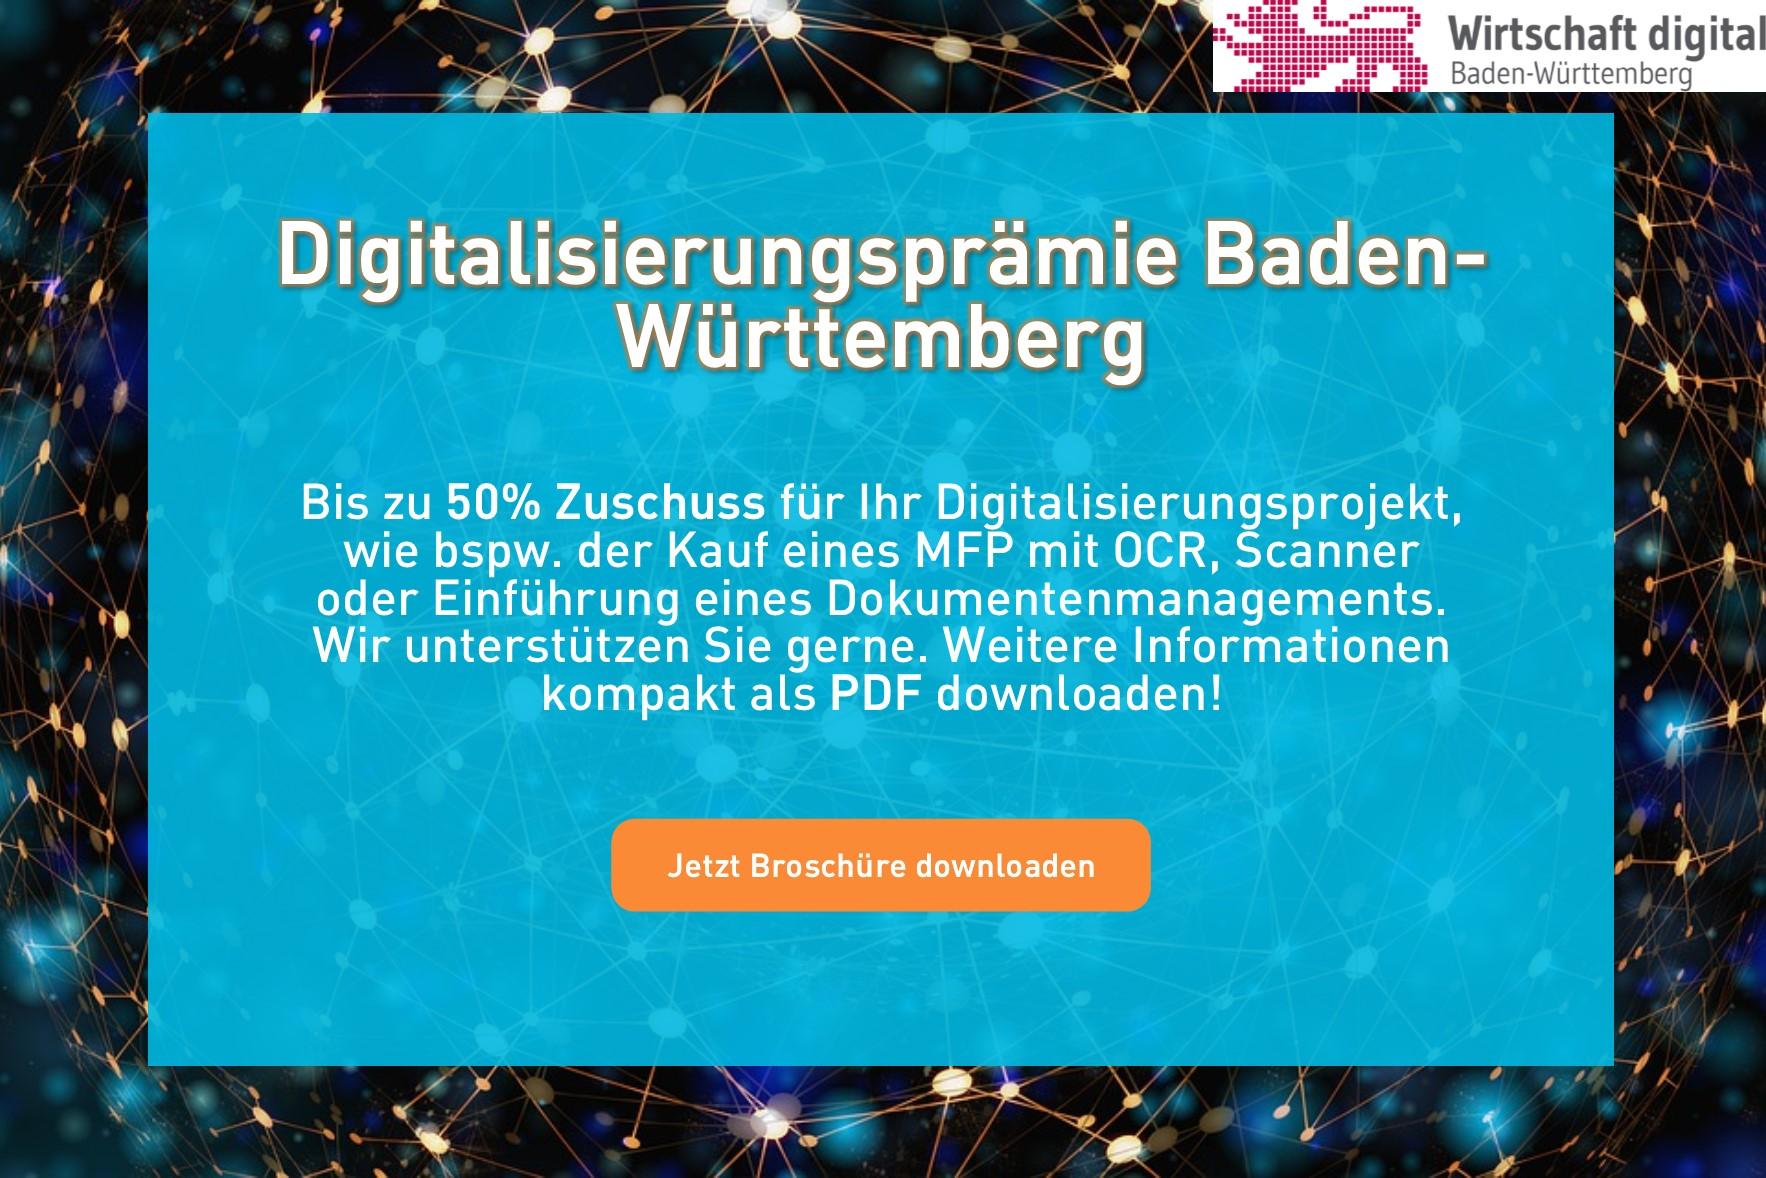 Digitalisierungspr-mieXhrVfxZF8zYje